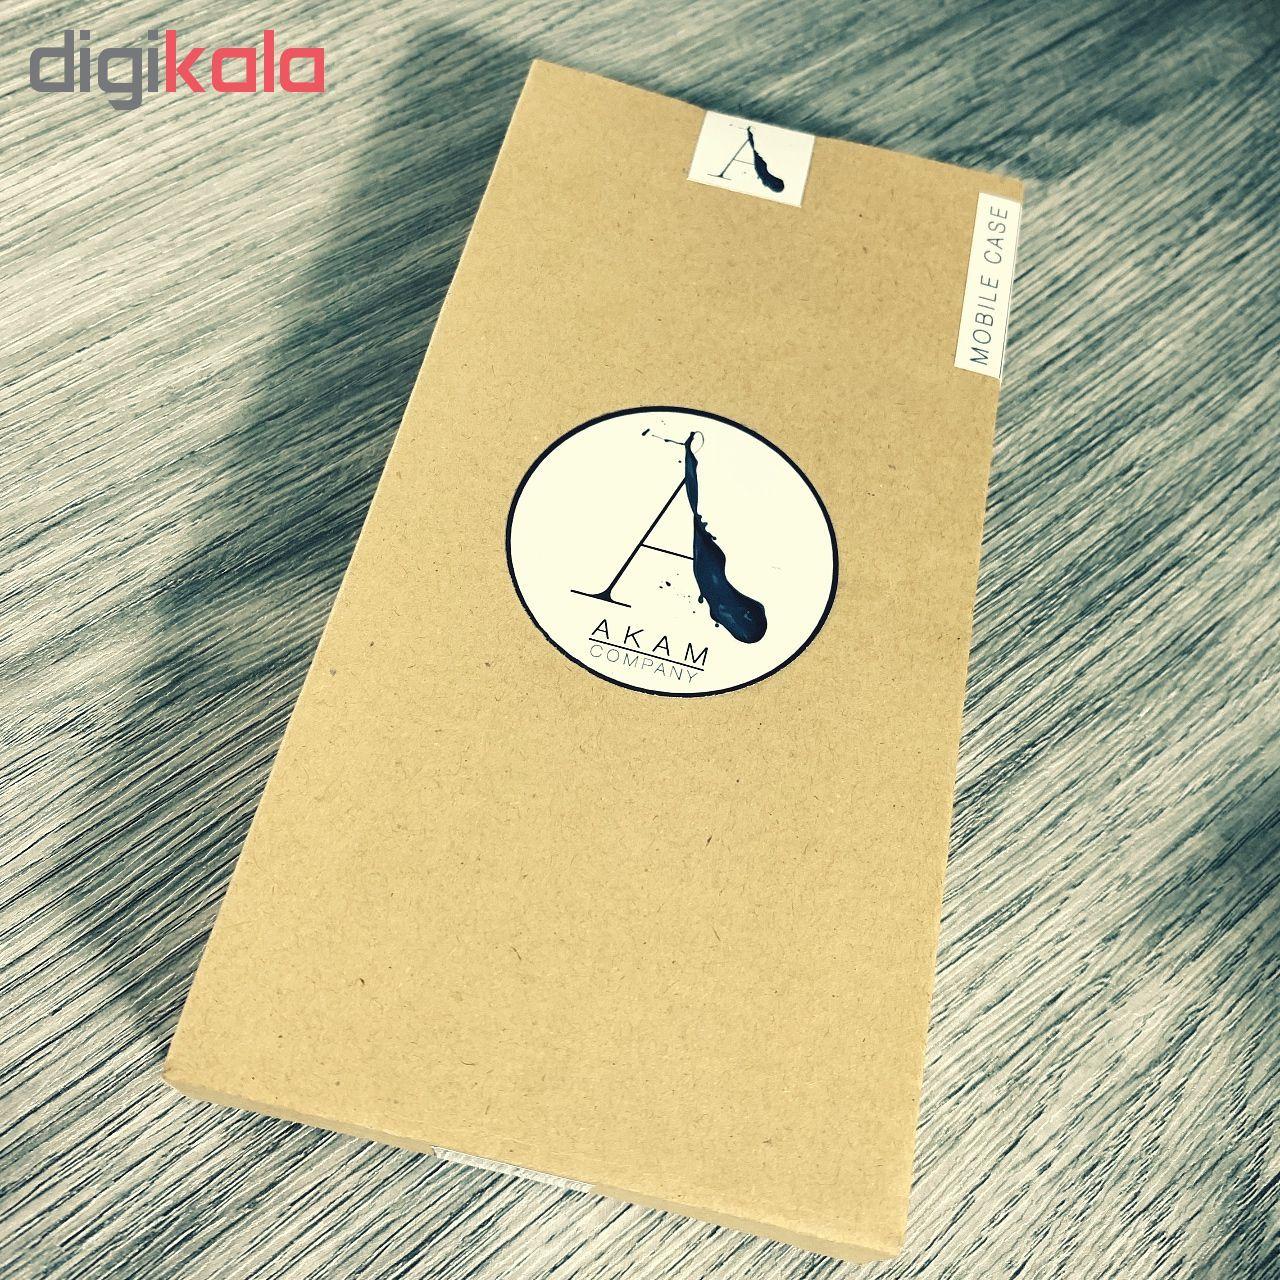 کاور آکام مدل A71587 مناسب برای گوشی موبایل اپل iPhone 7/8 main 1 2